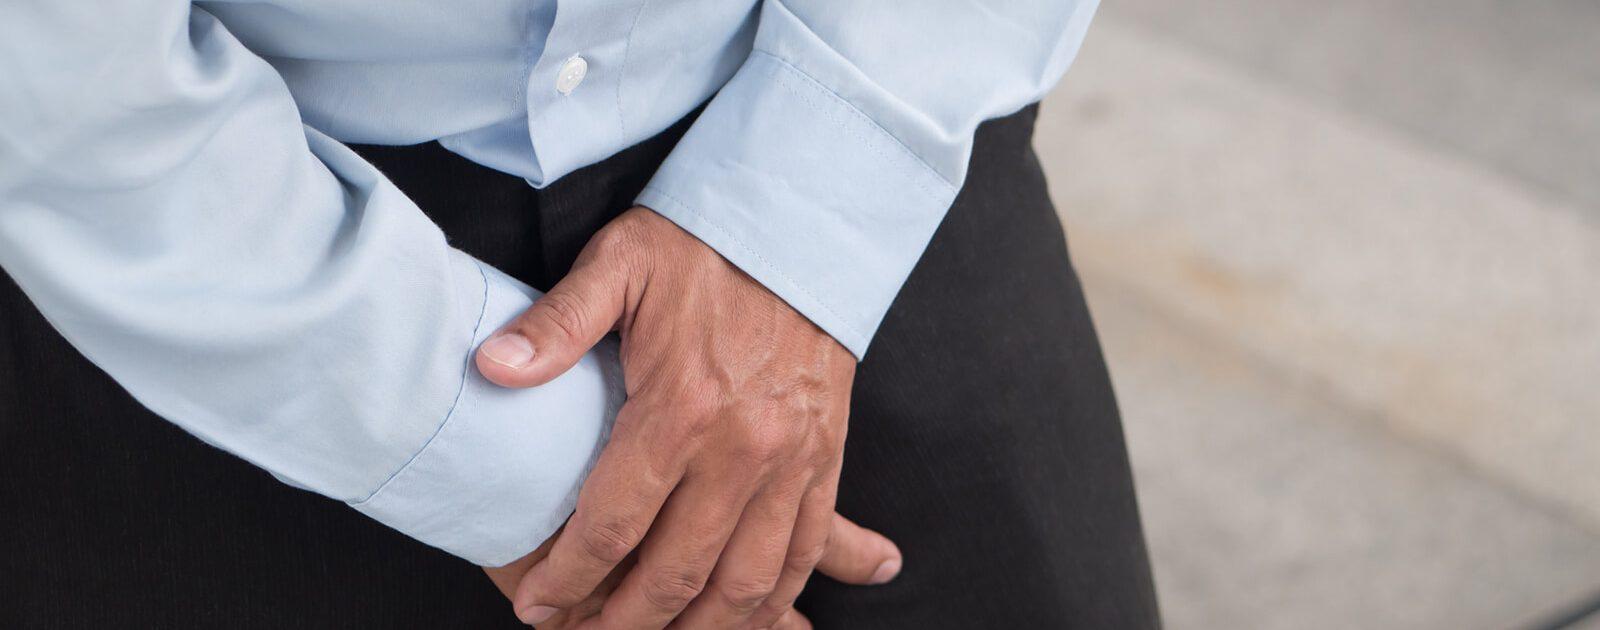 Eine Hodenentzündung verursacht bei einem Mann Schmerzen